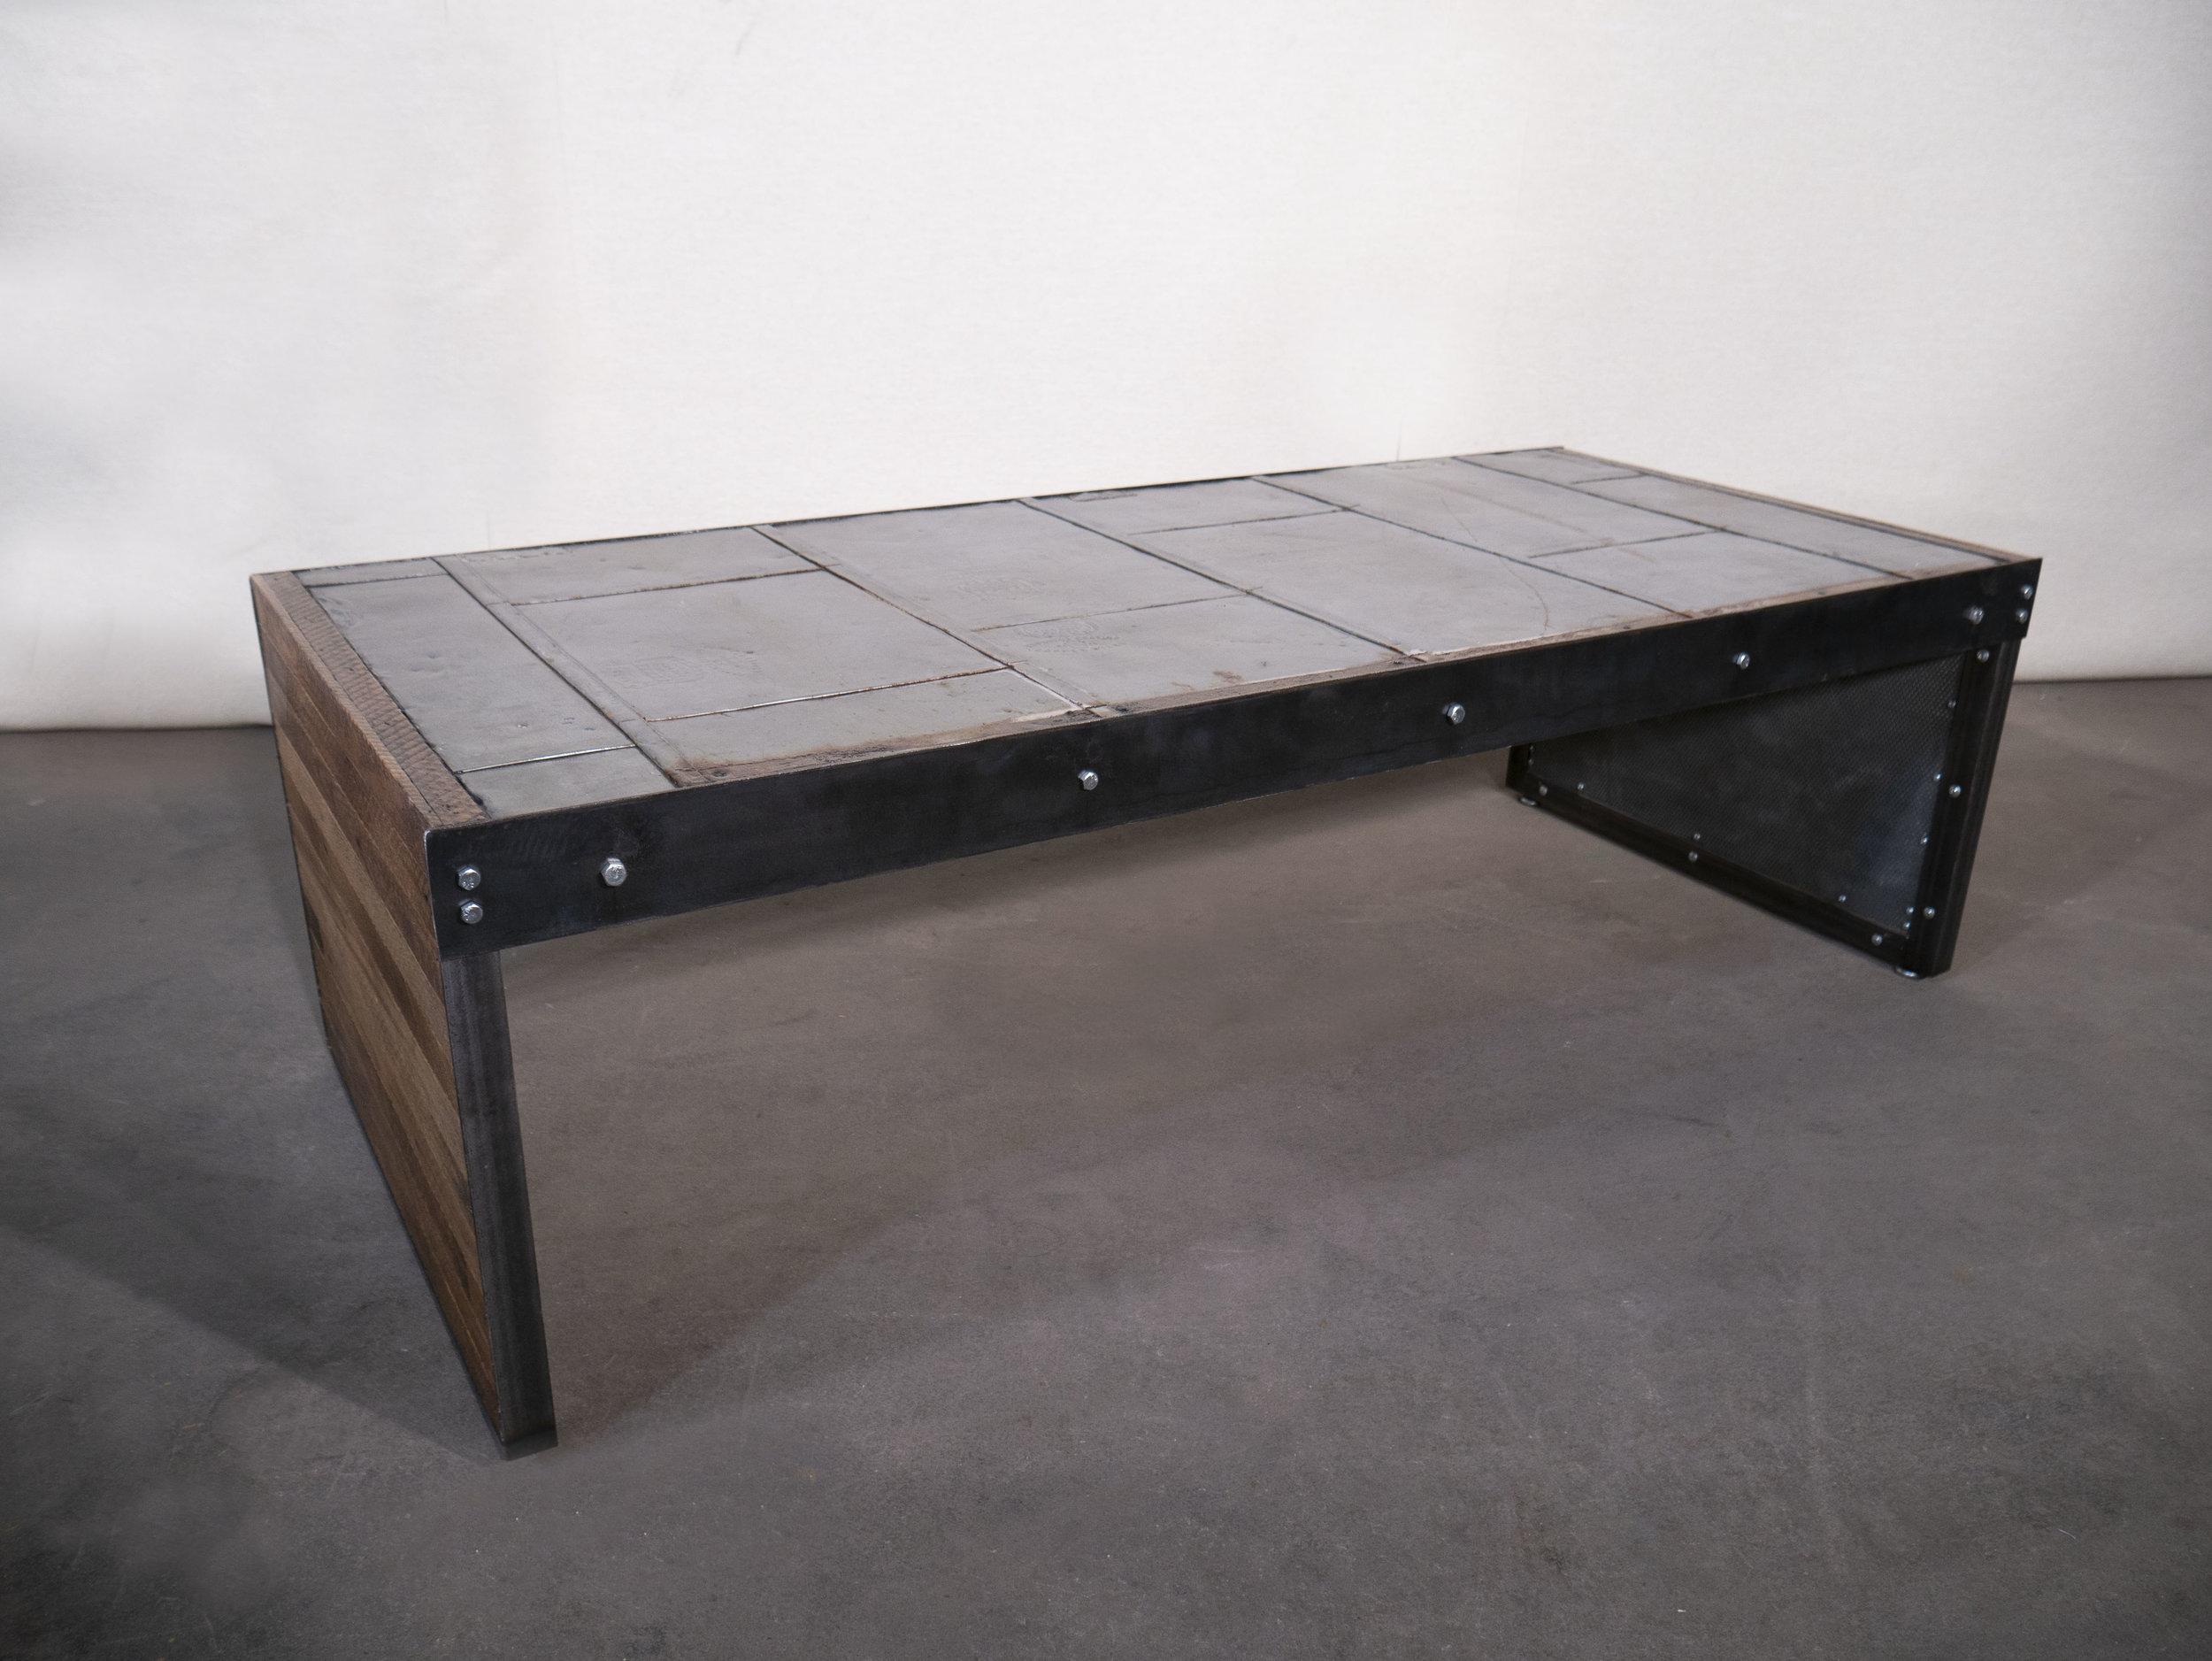 metal coffee table.jpg